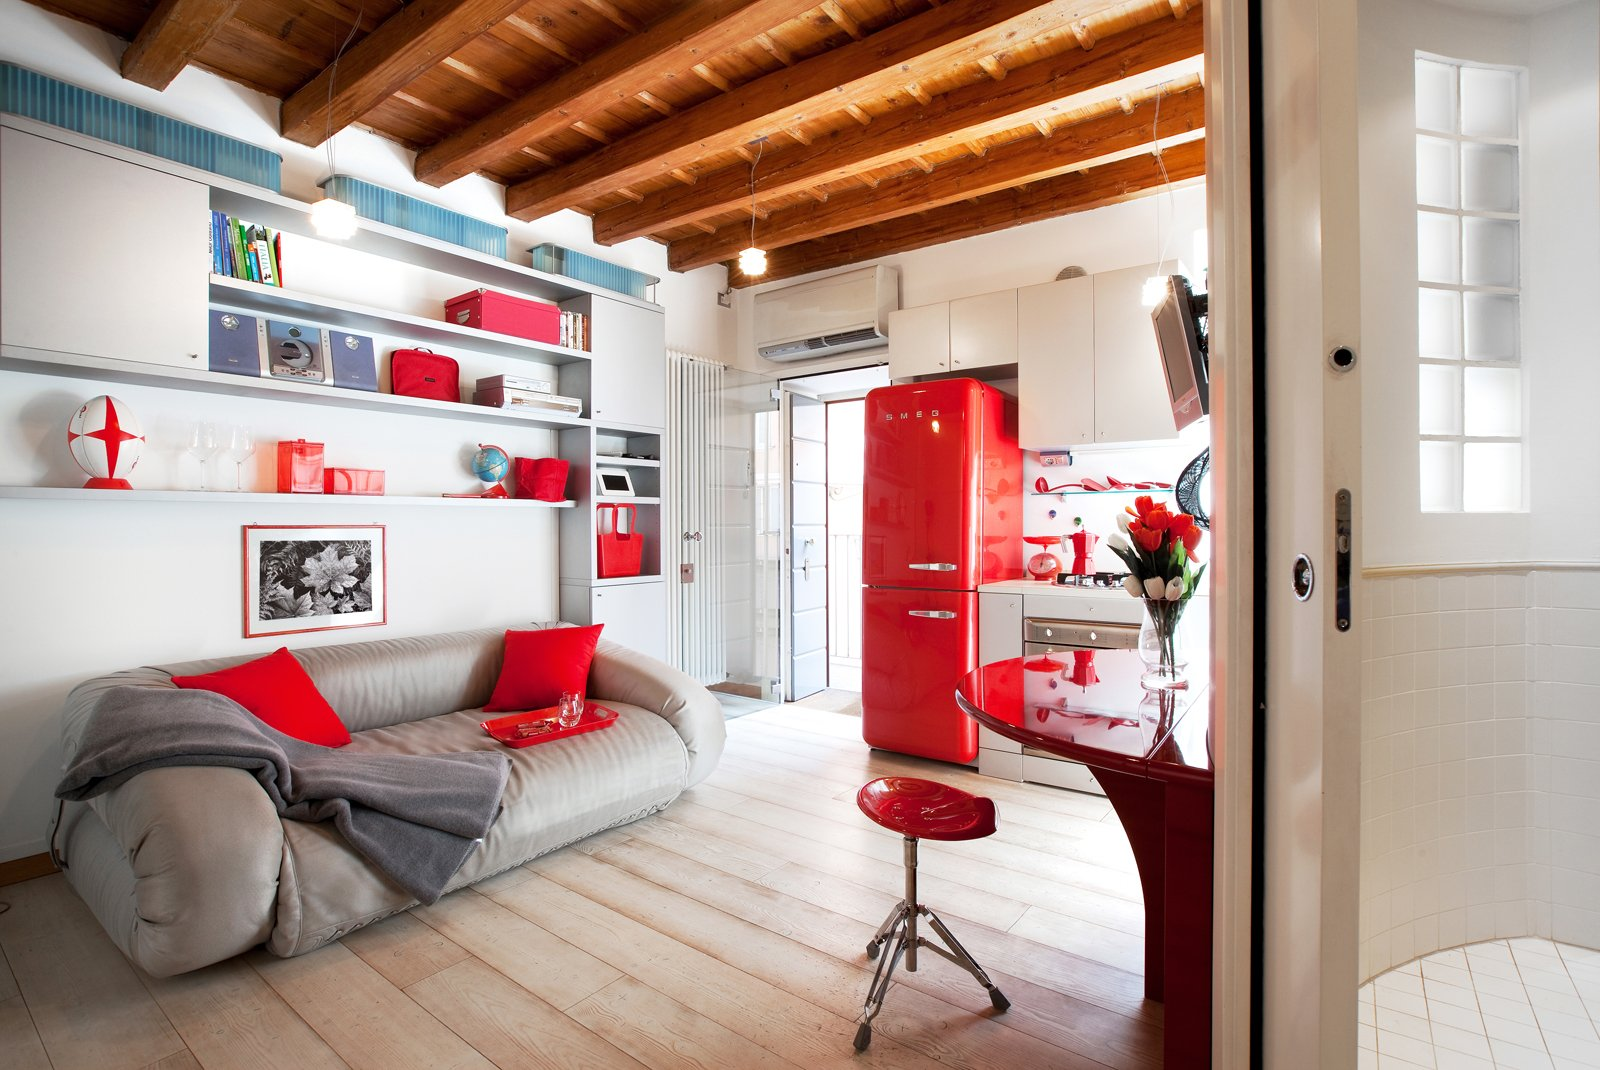 Monolocale di 25 mq con soluzioni salvaspazio cose di casa for Piccoli mobili per soggiorno